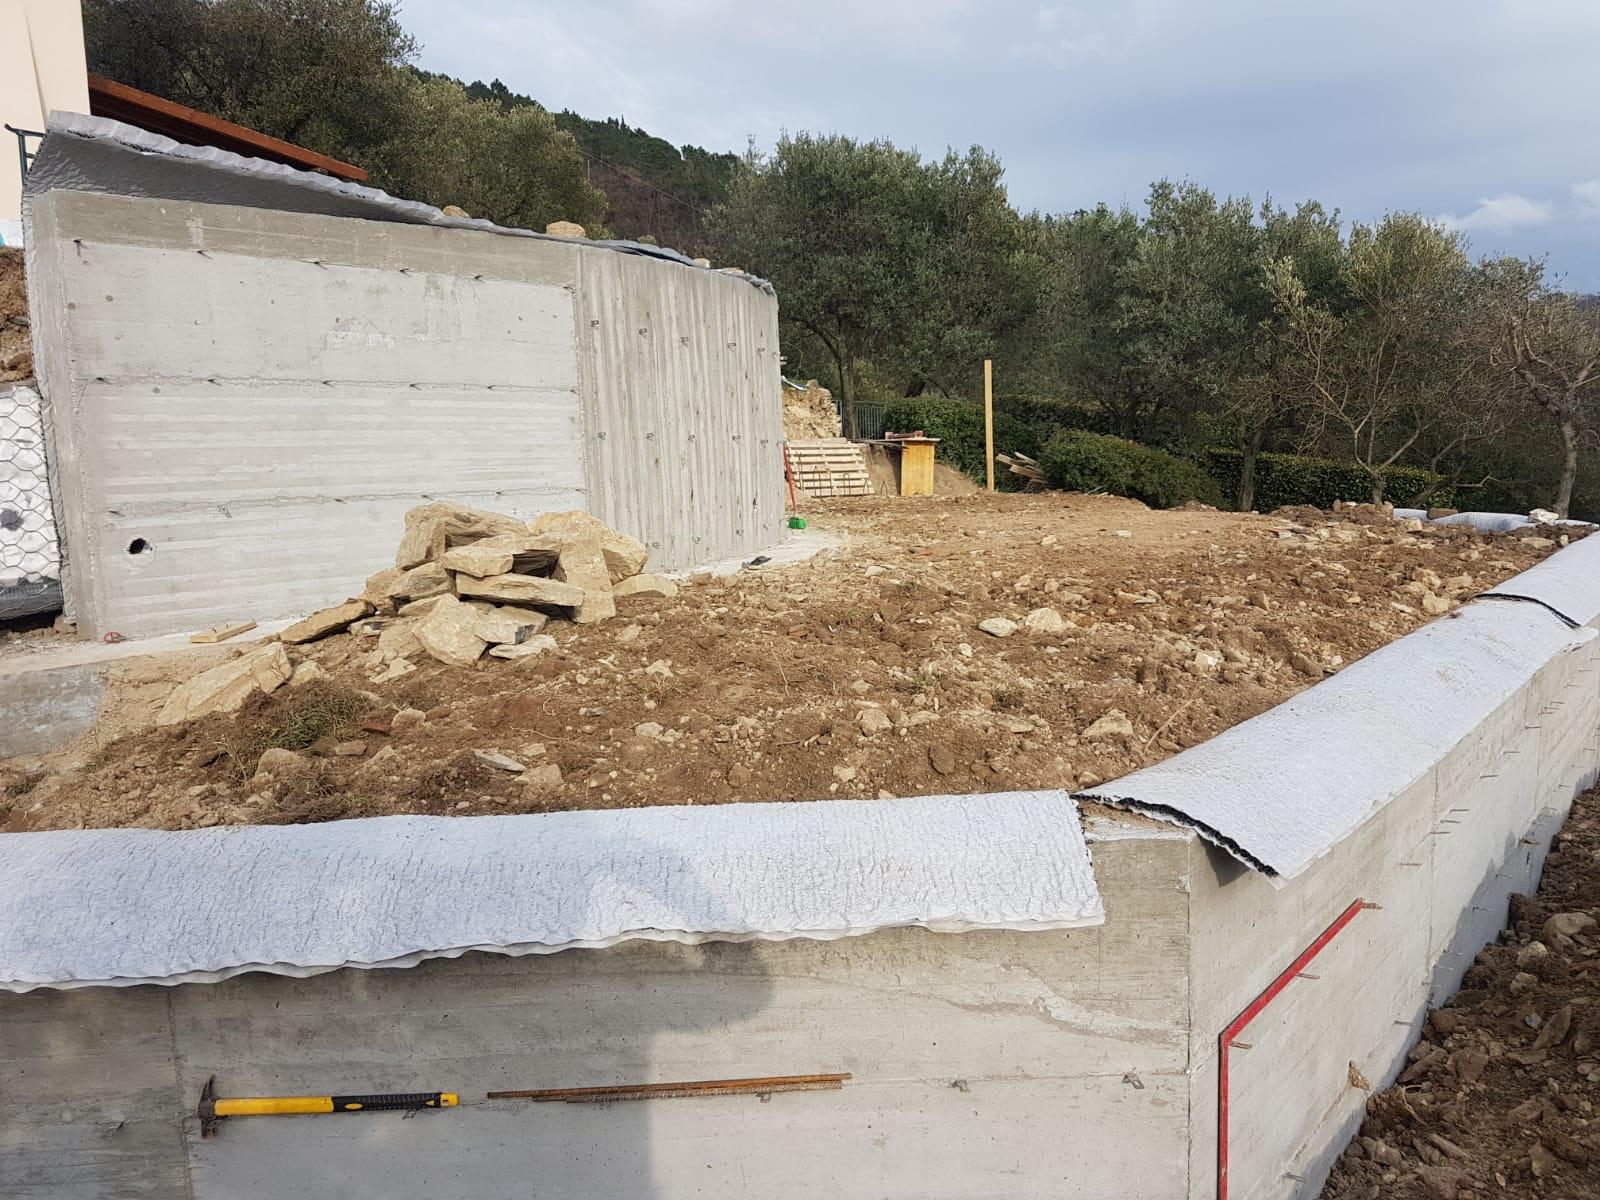 19. Rivestimento protettivo e drenante completato sui muri di contenimento: lavori in corso.